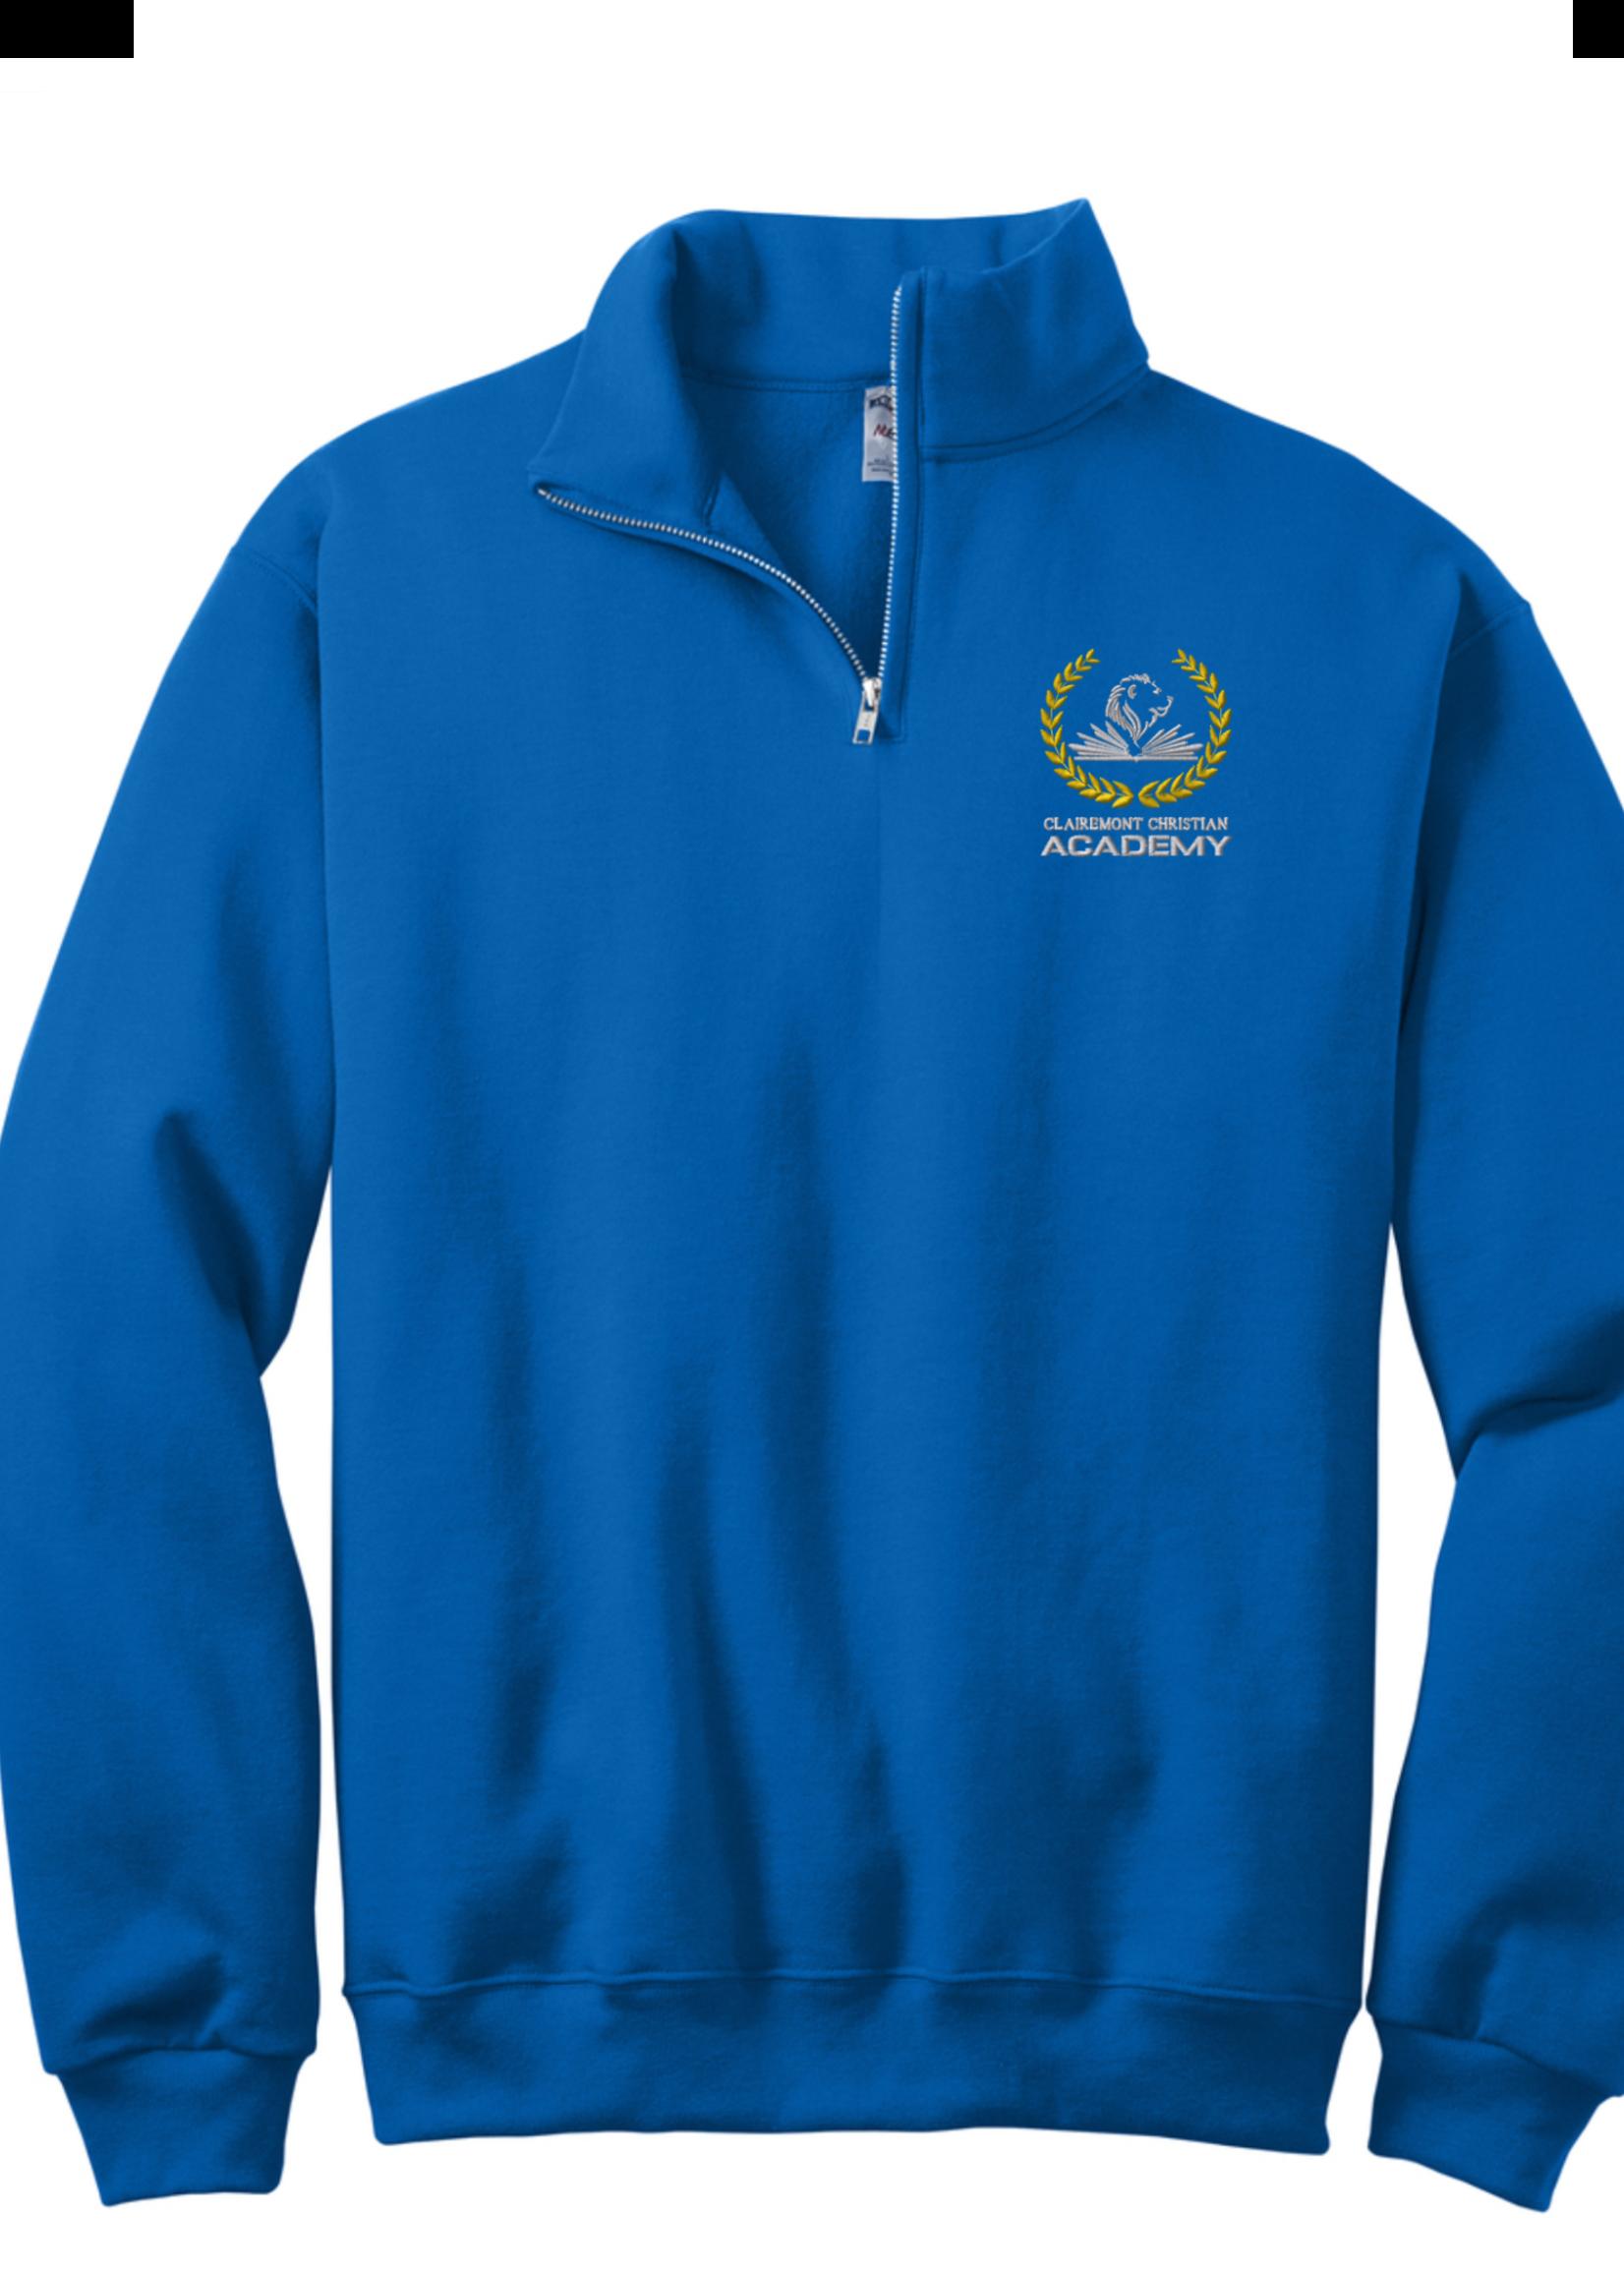 CLCA Royal 1/4 Zip Sweatshirt Royal